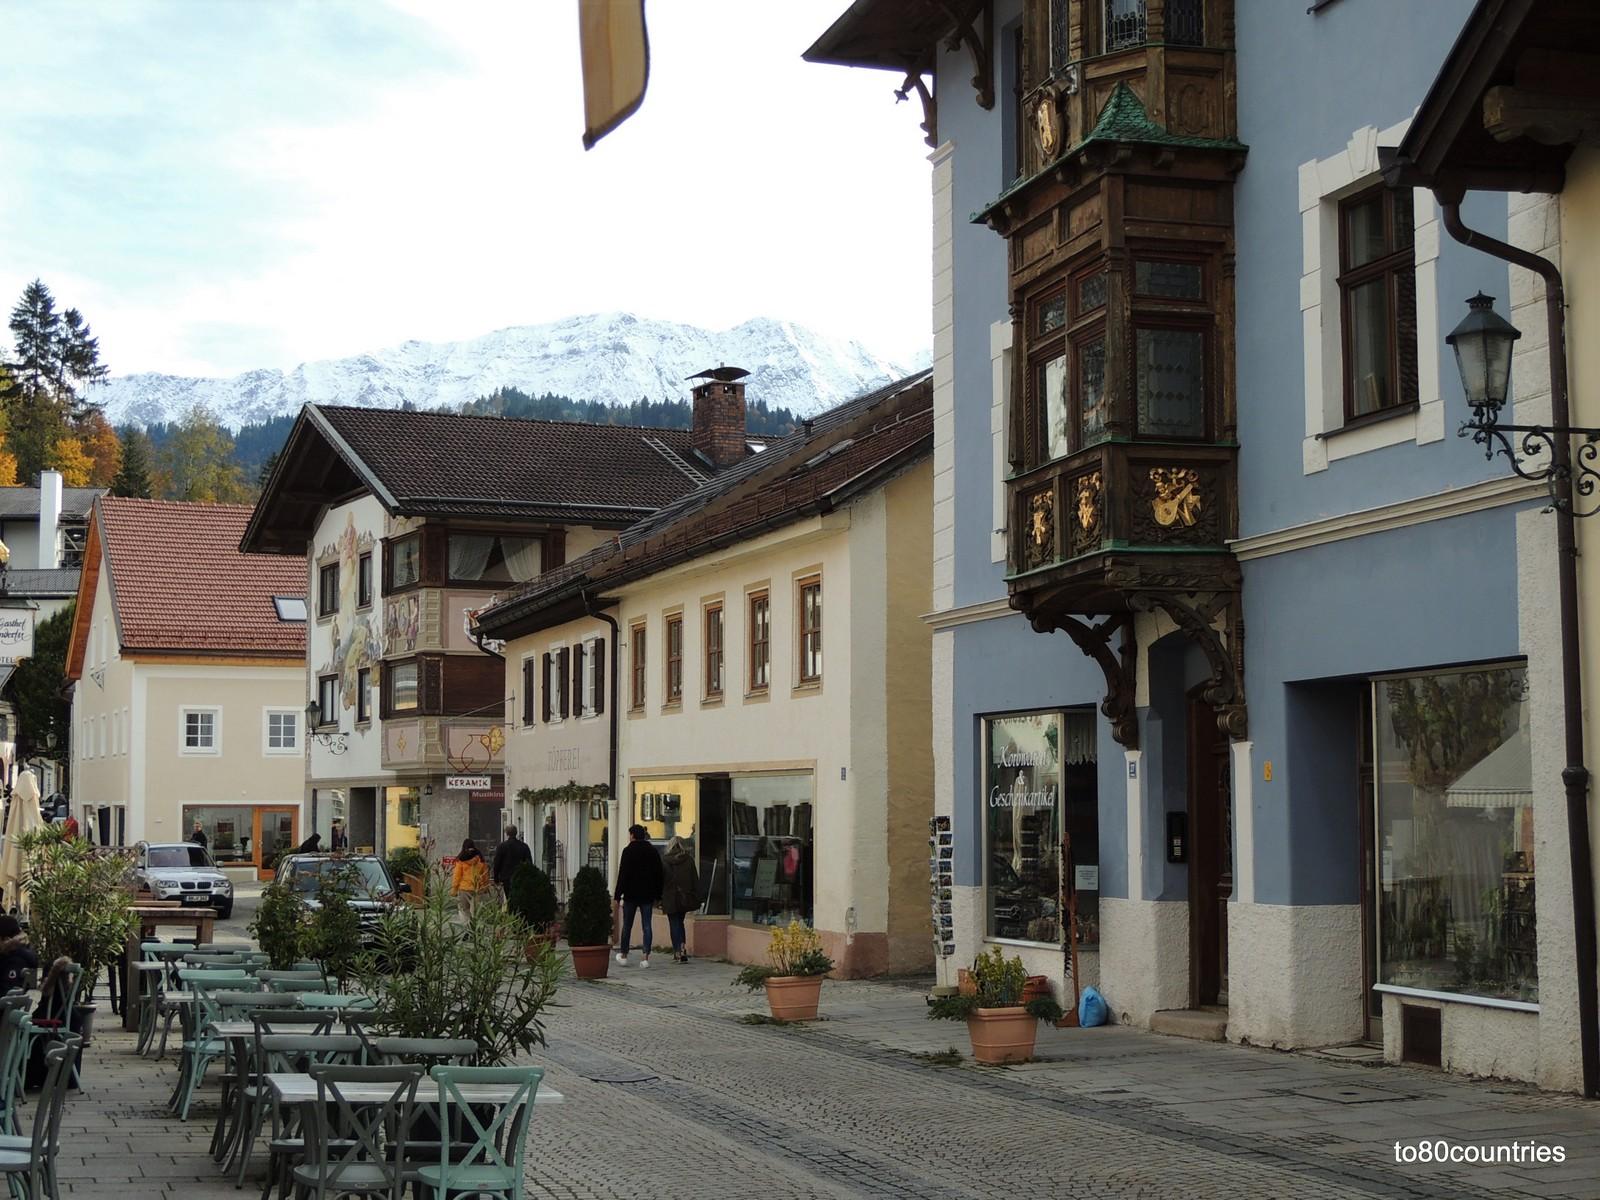 Partenkirchen - östliche Ludwigstraße